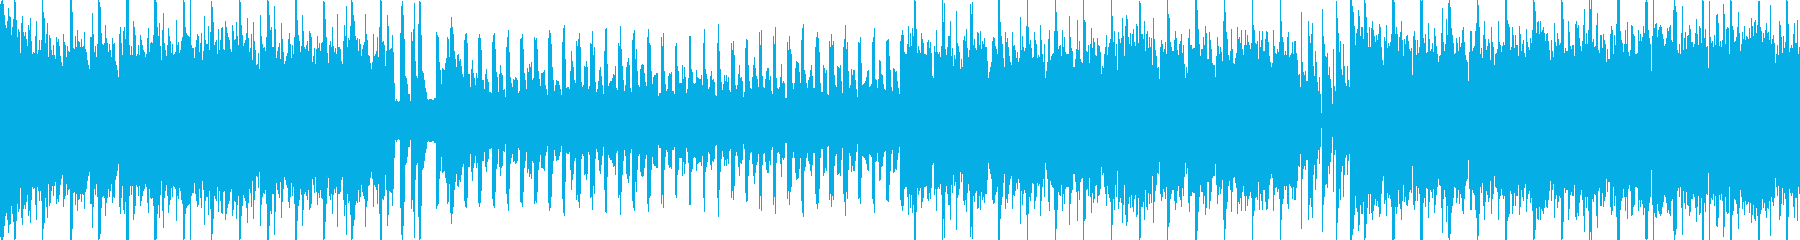 アイドル風キラキラポップ4つ打ちループcの再生済みの波形